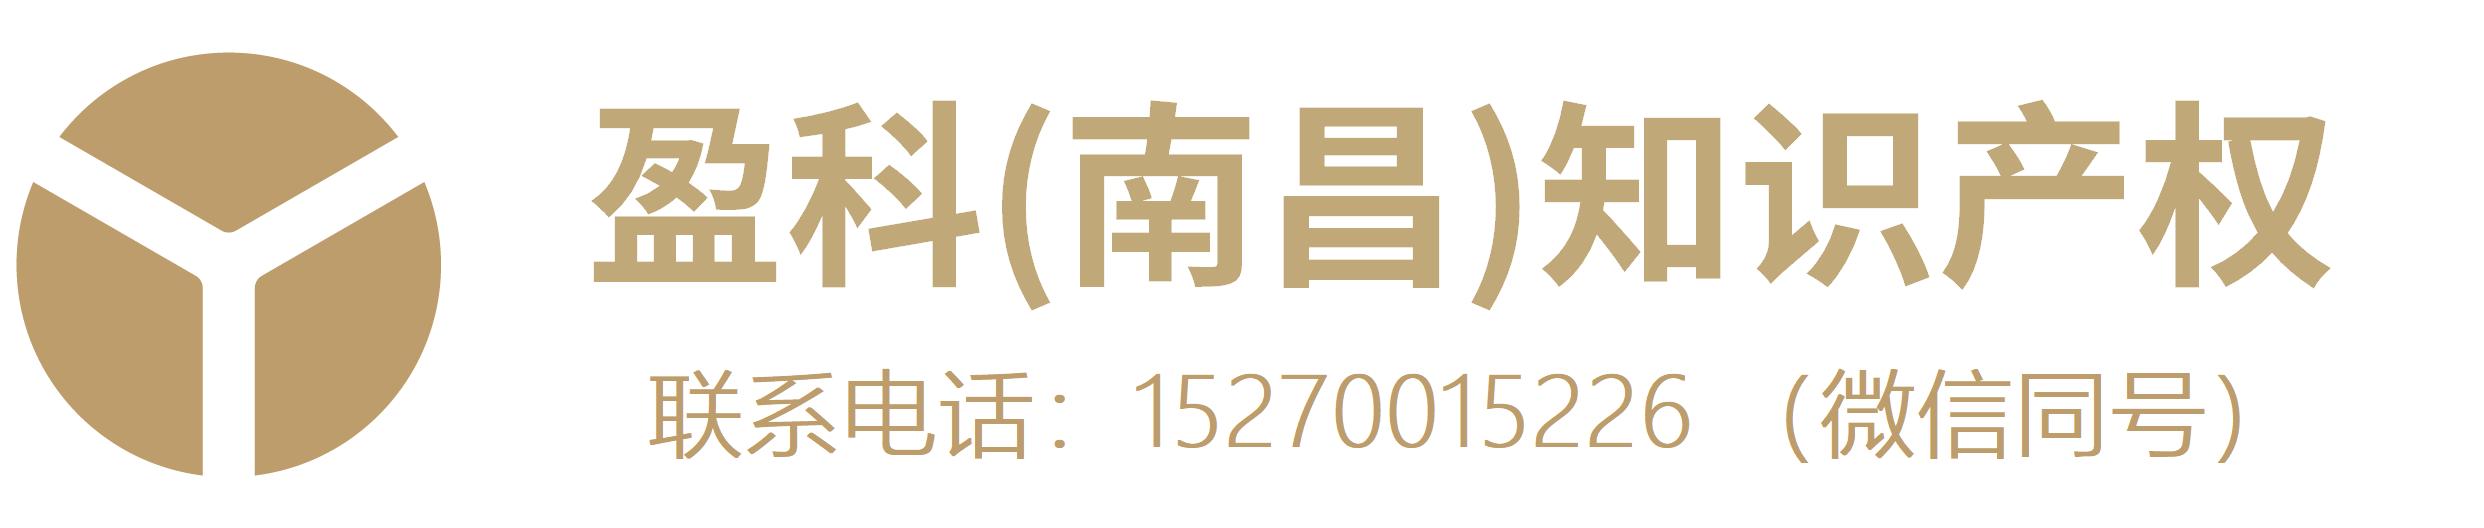 盈科(南昌)律师事务所知识产权中心